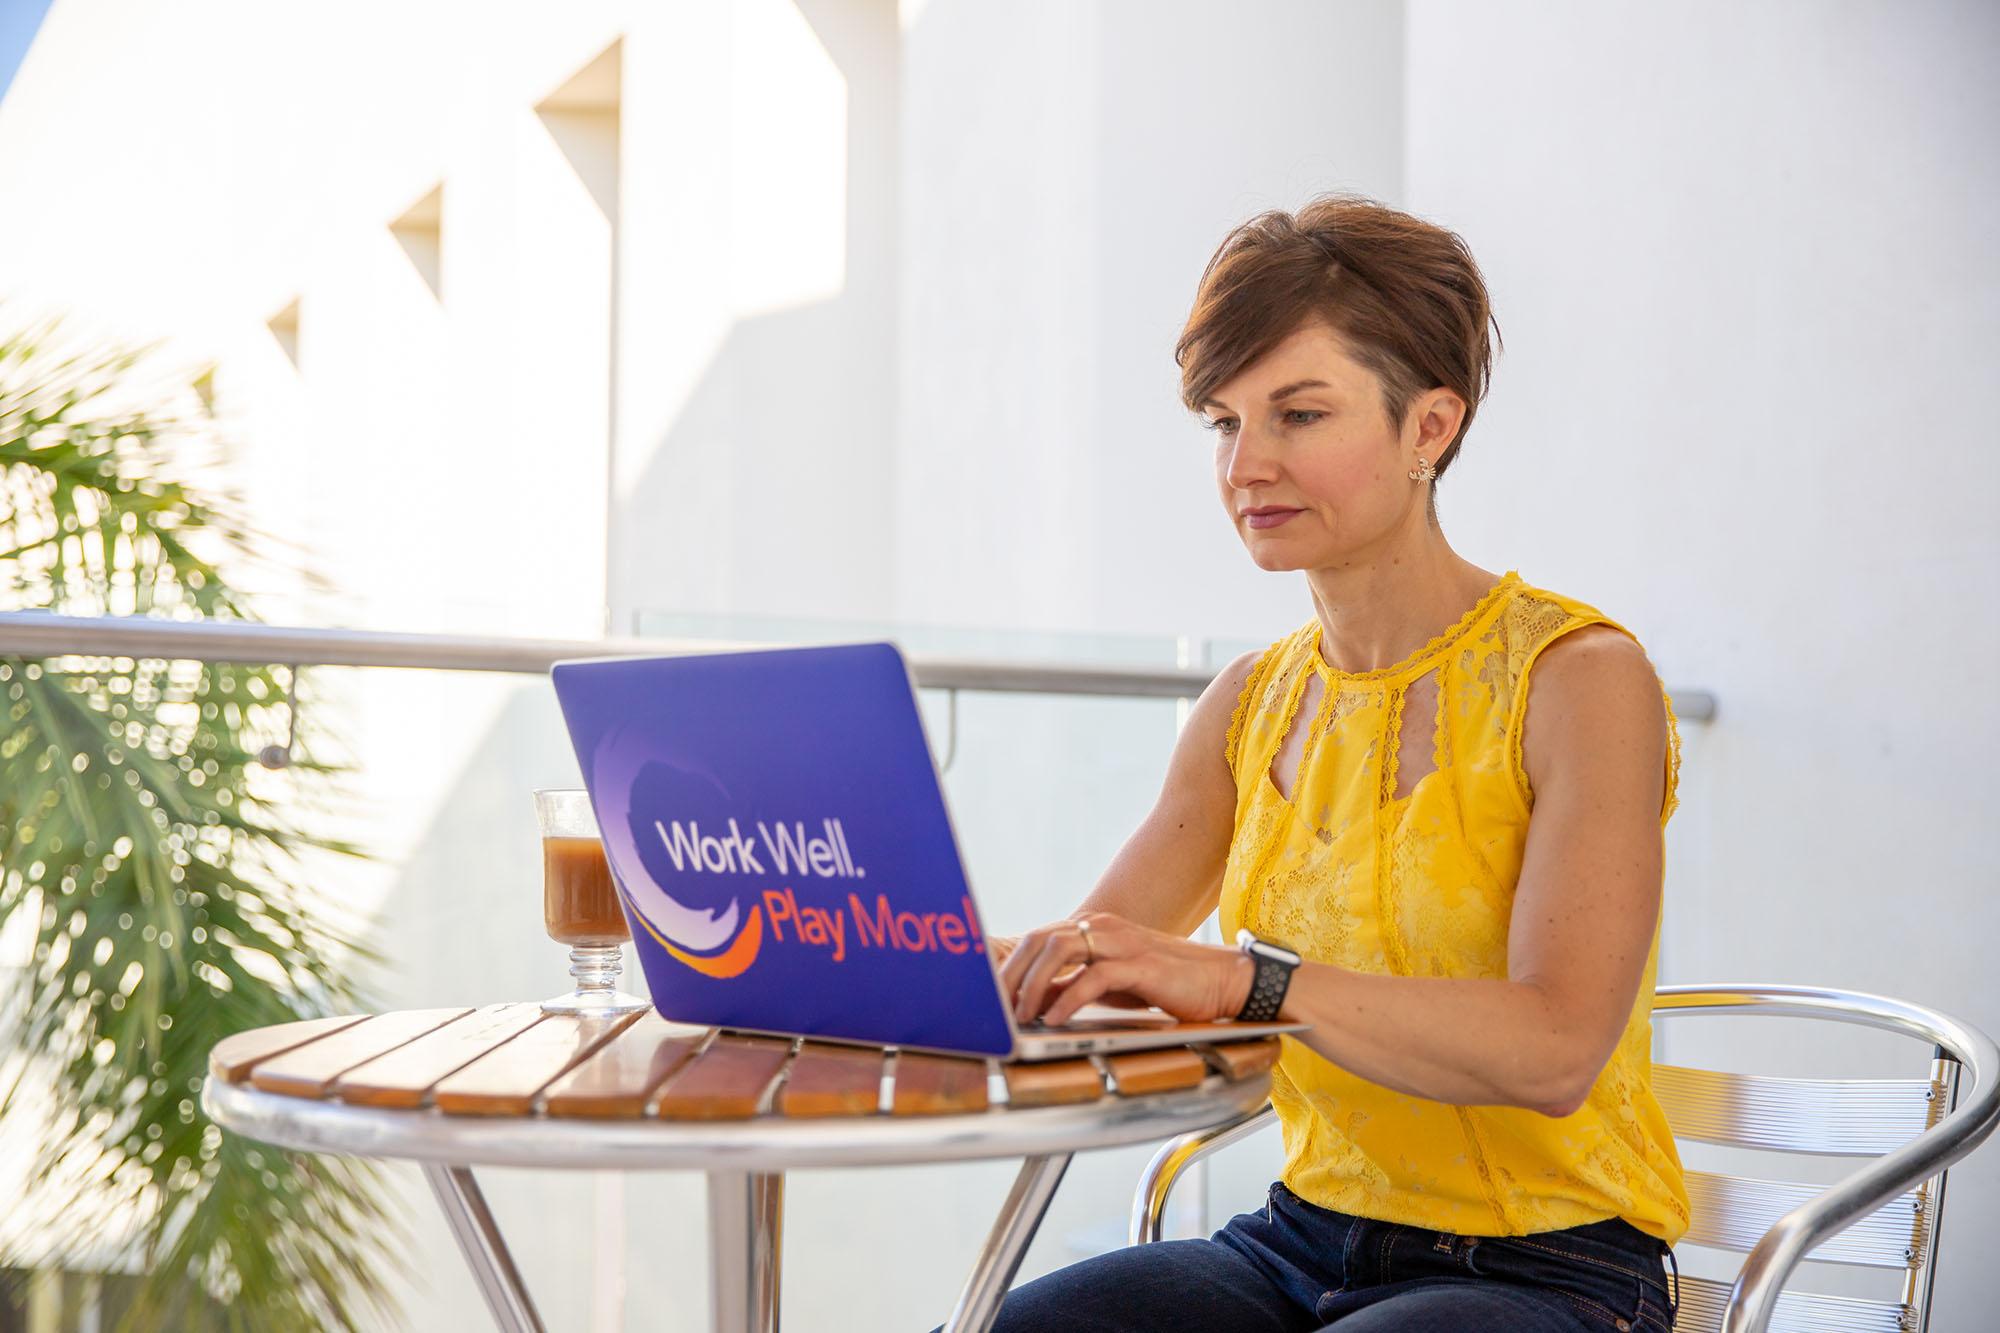 Working at Laptop